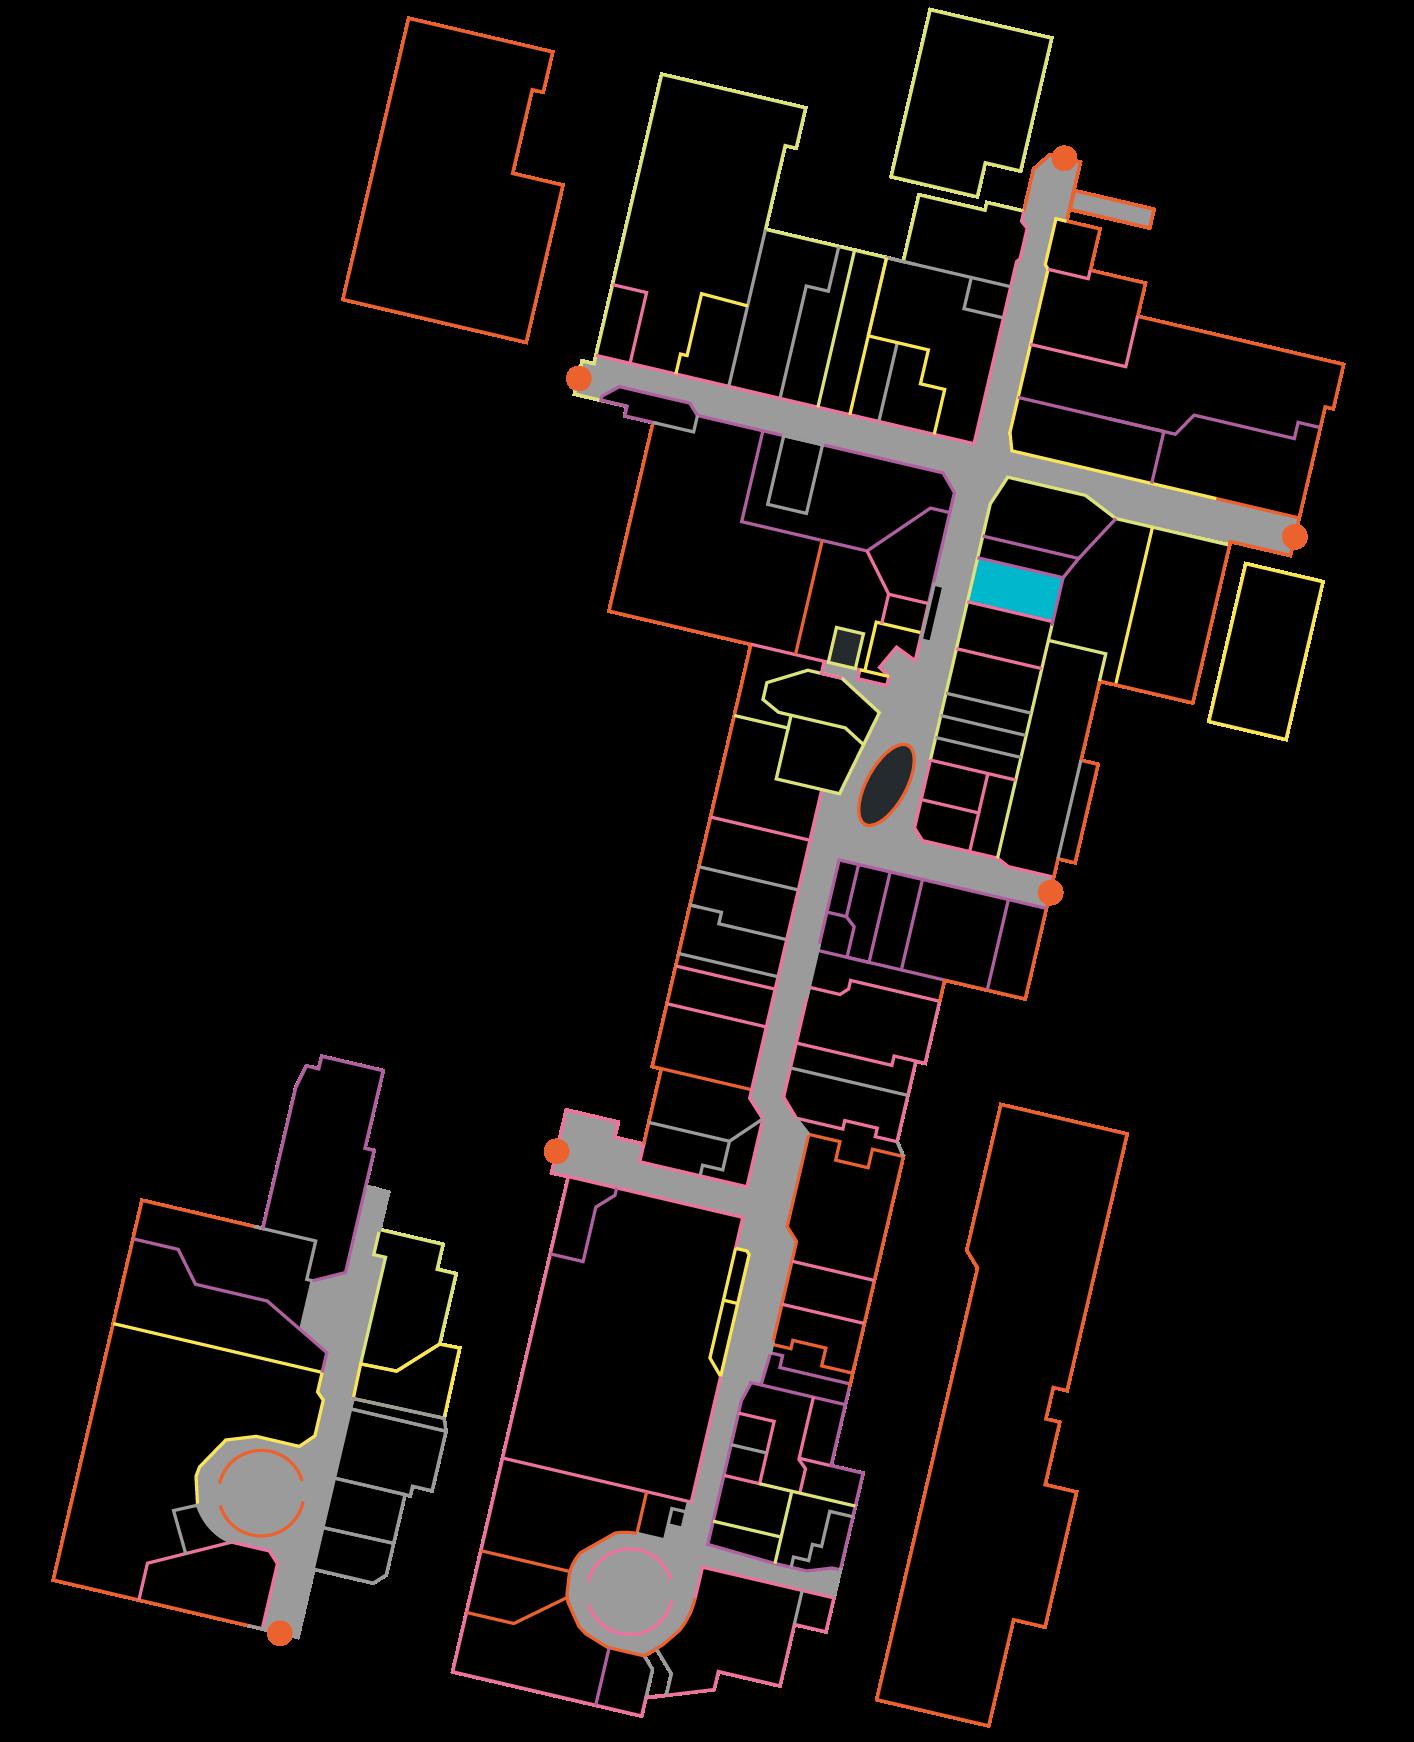 Hemtex karta